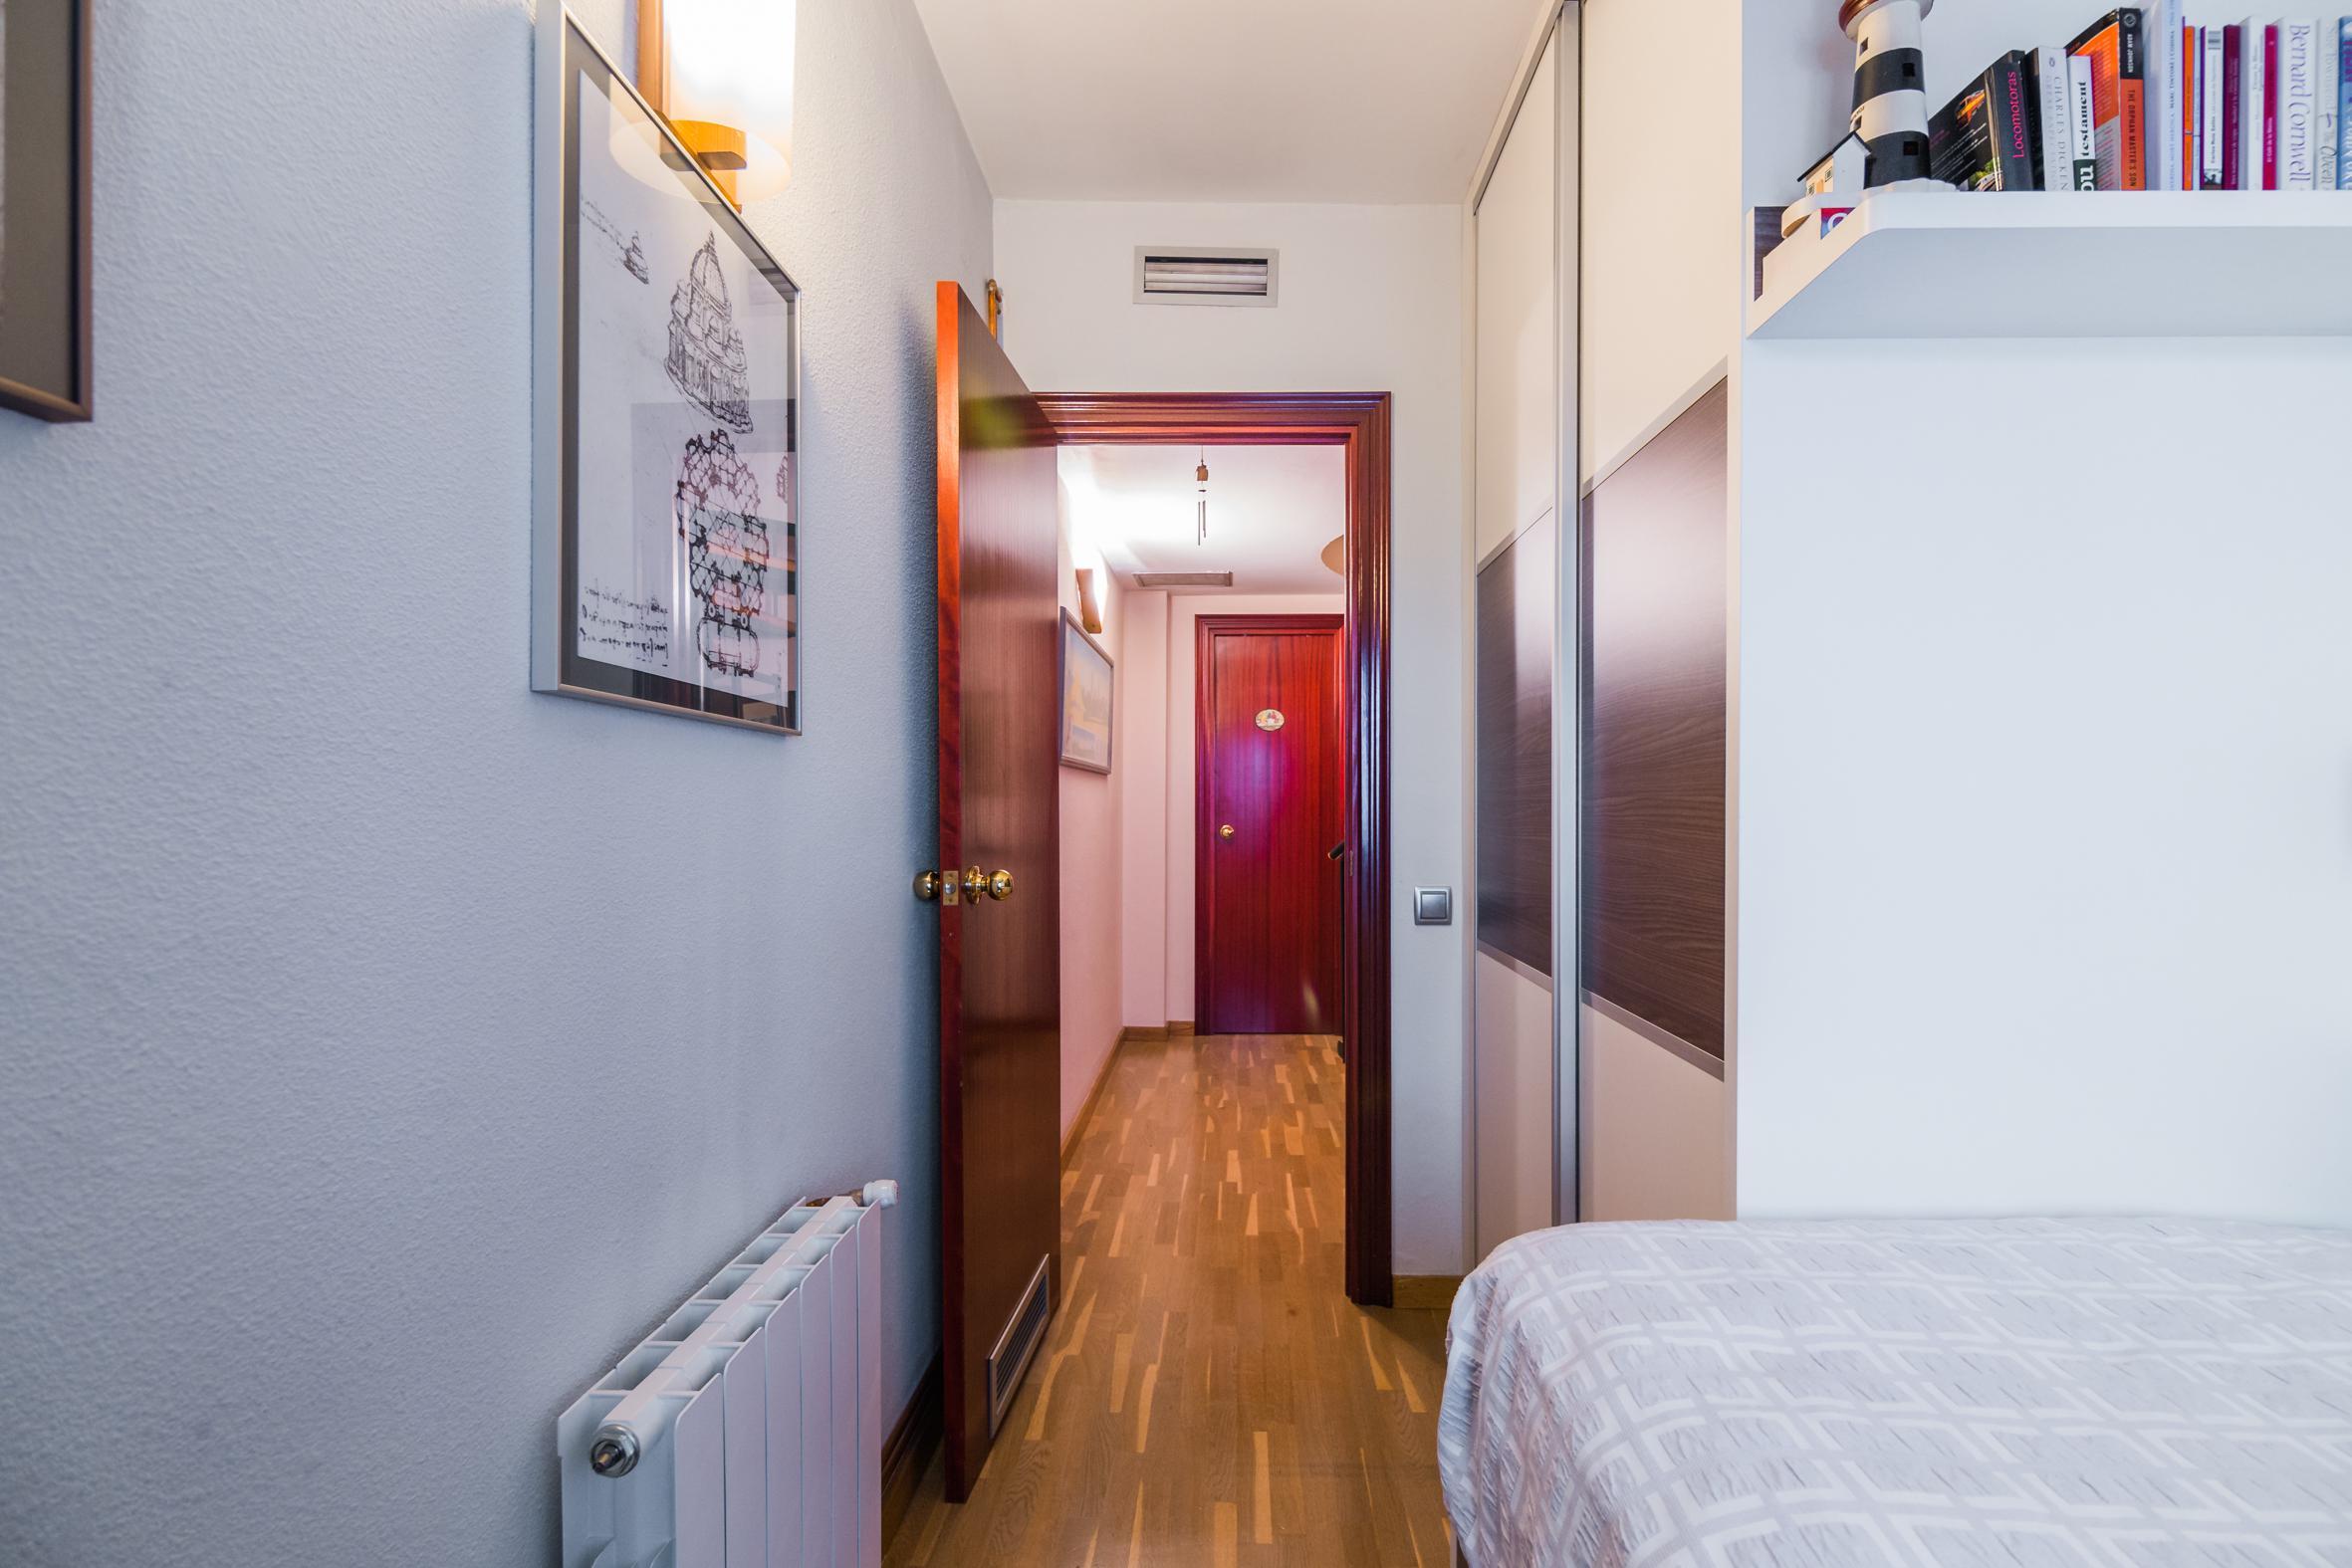 207314 Dúplex en venta en Gràcia, Vallcarca i els Penitents 20